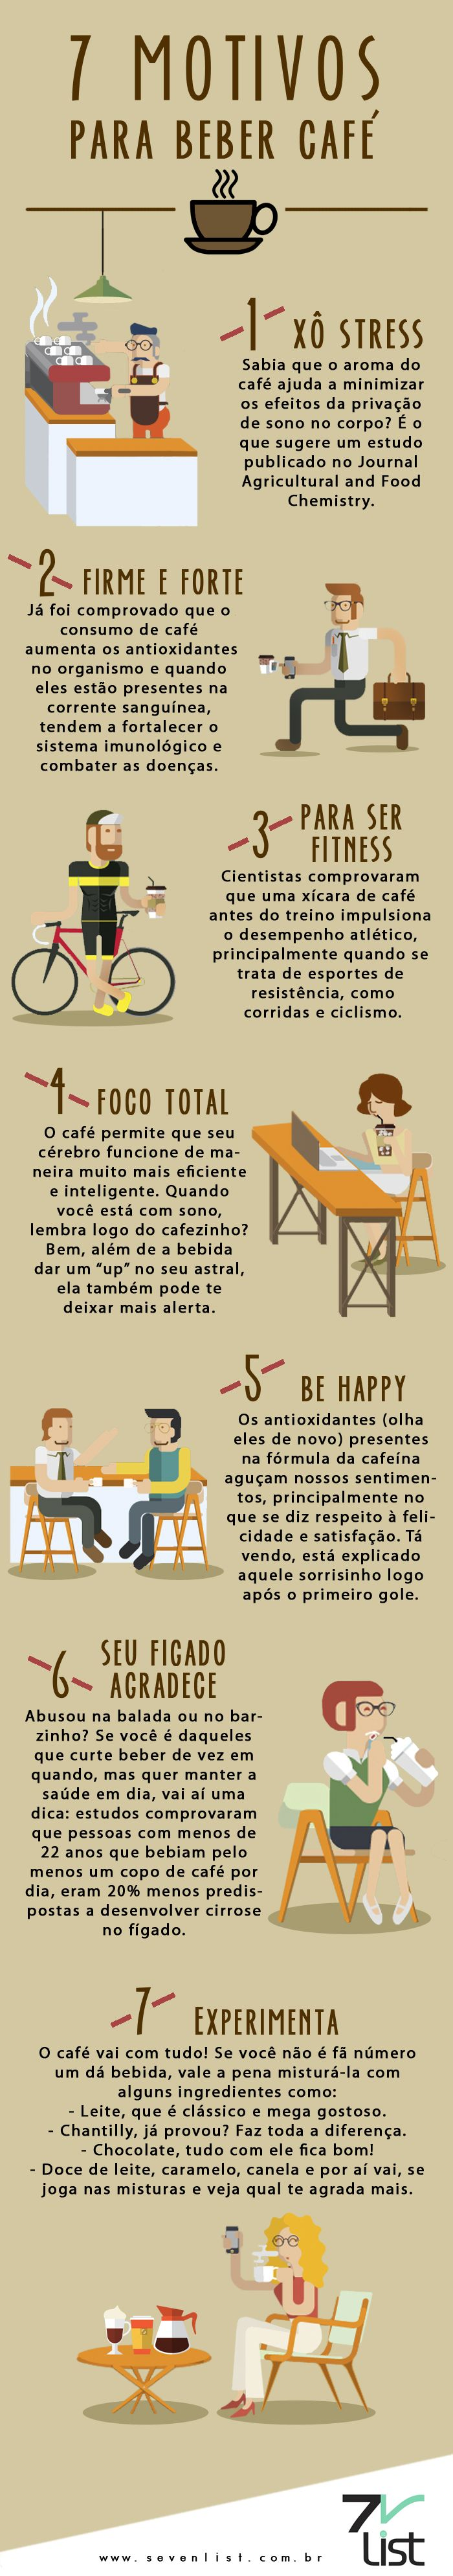 #Infográfico #Infographic #Design #Café #Coffe #Benefícios #Motivos #Saúde #Bebidaquente #Diamundialdocafé #7motivos #7motivosparabebercafé www.sevenlist.com.br